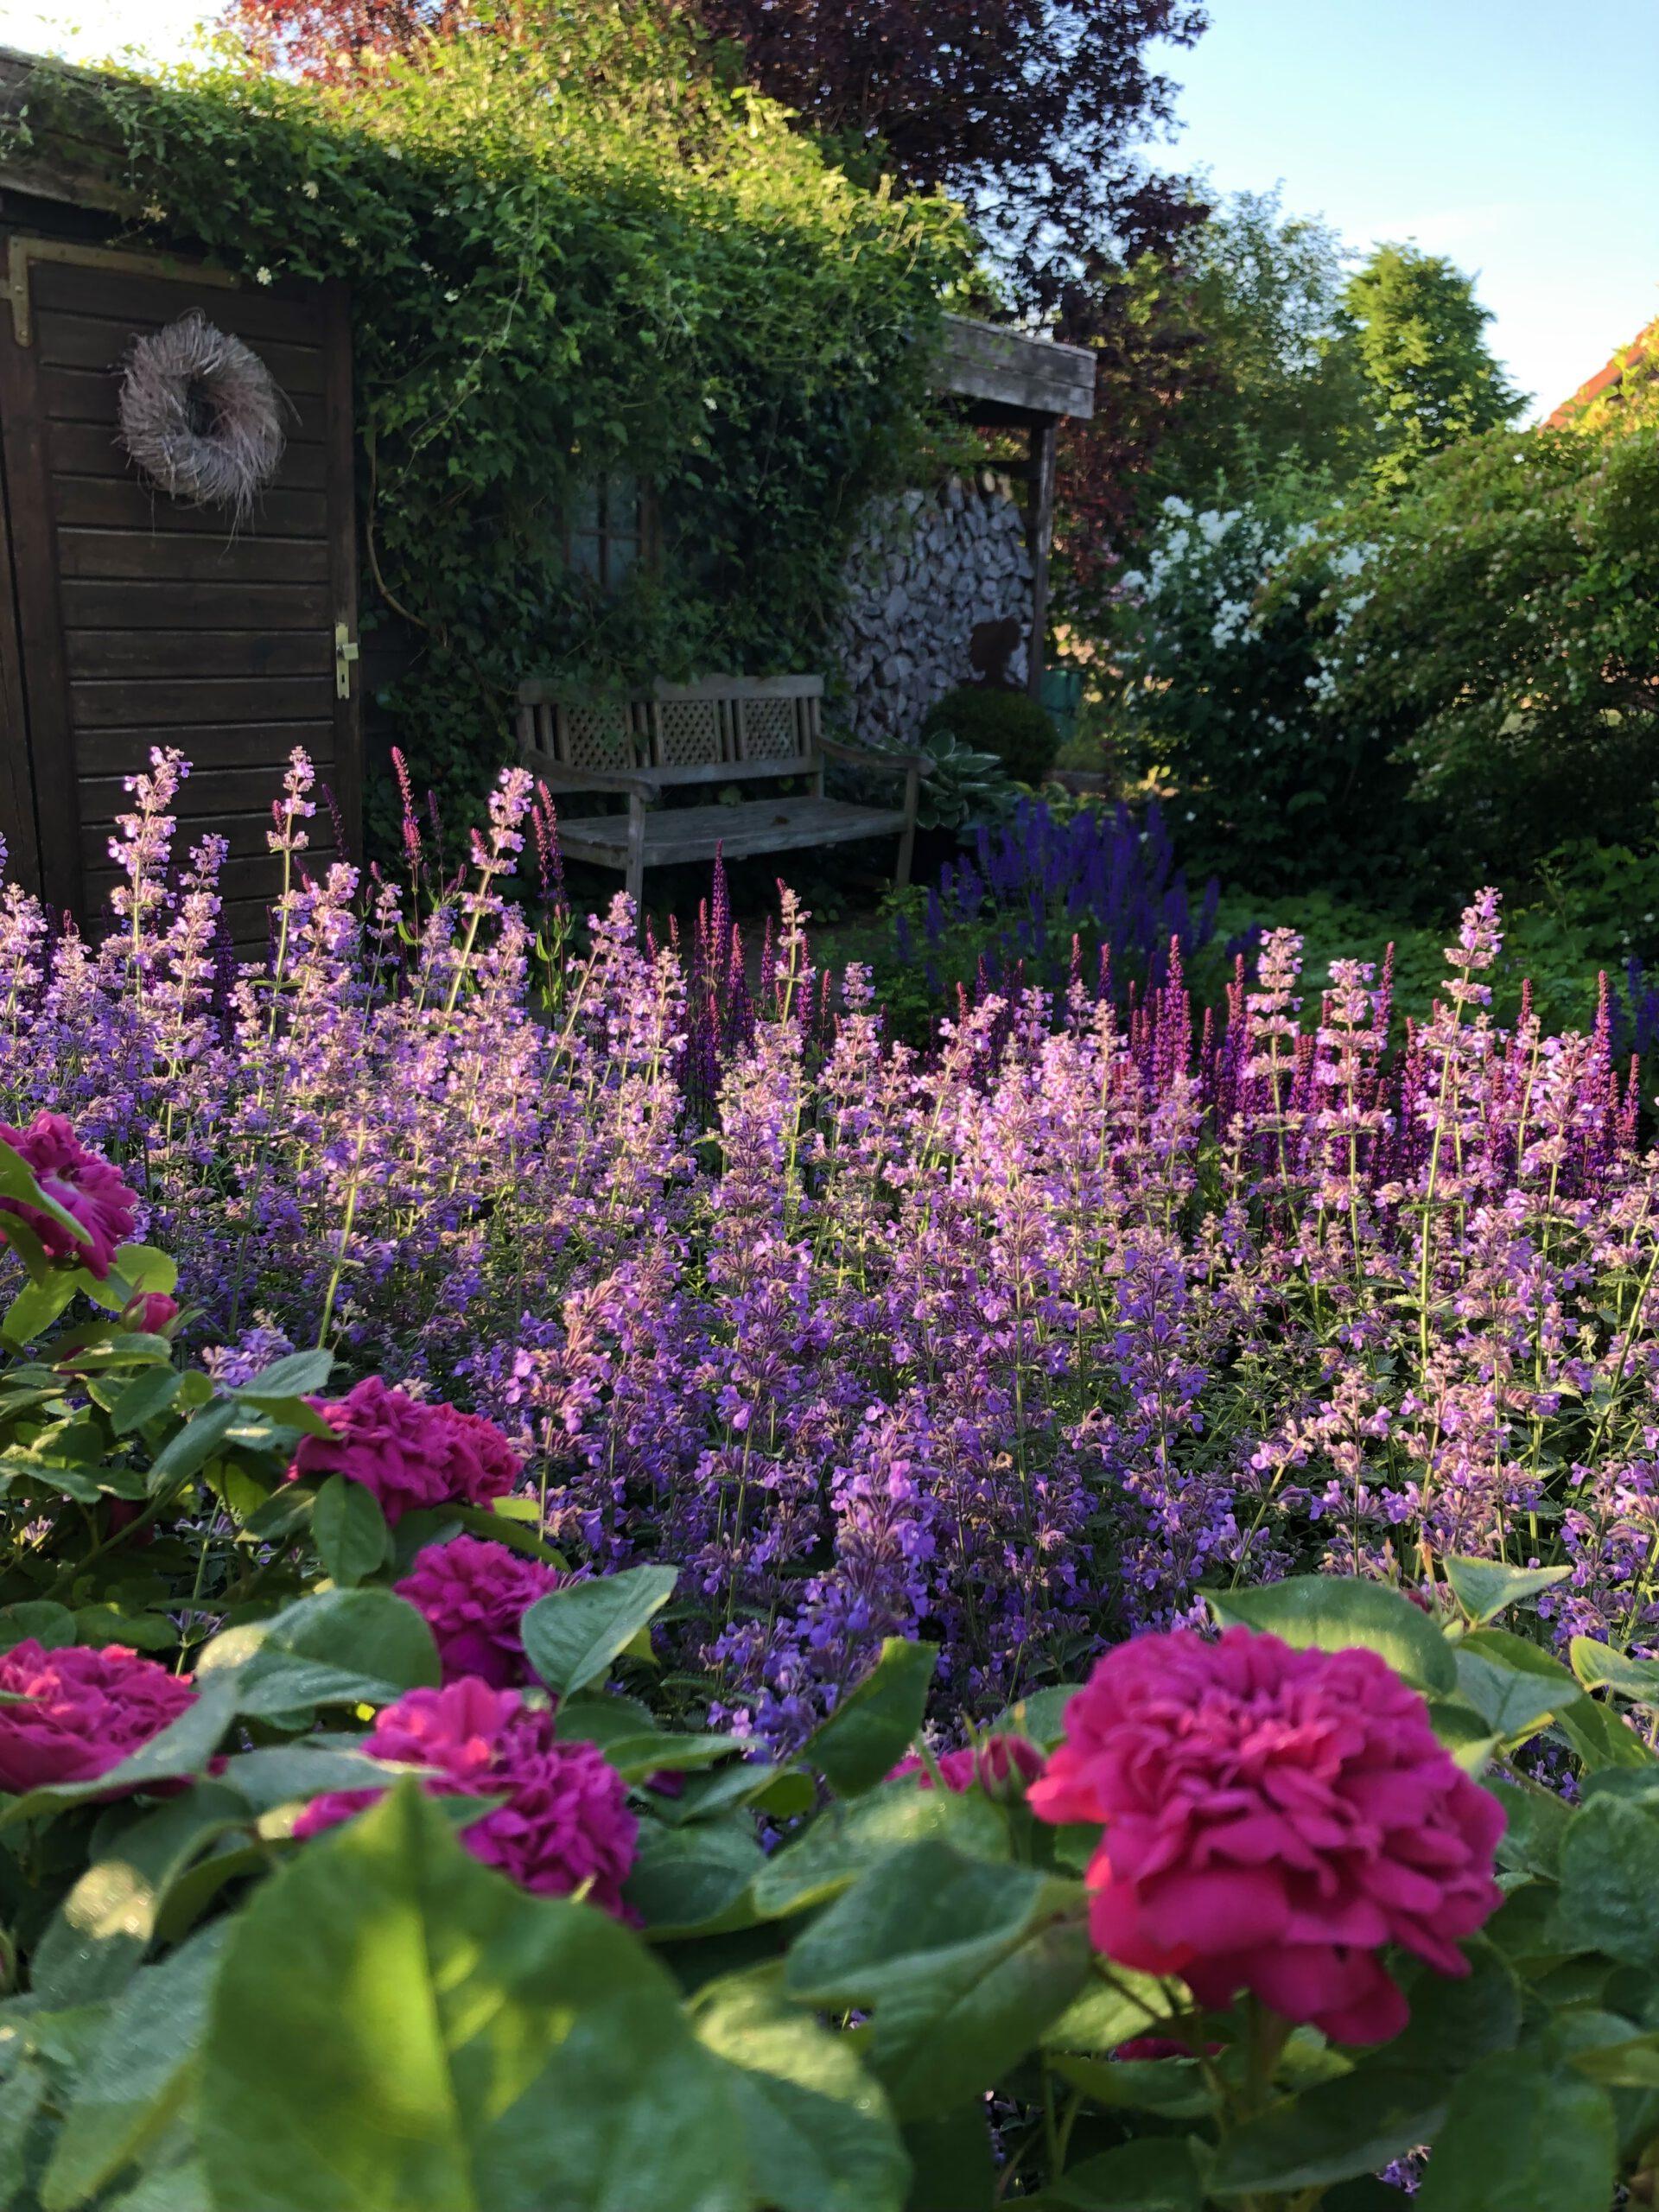 Erika Pflanze im englischen Garten